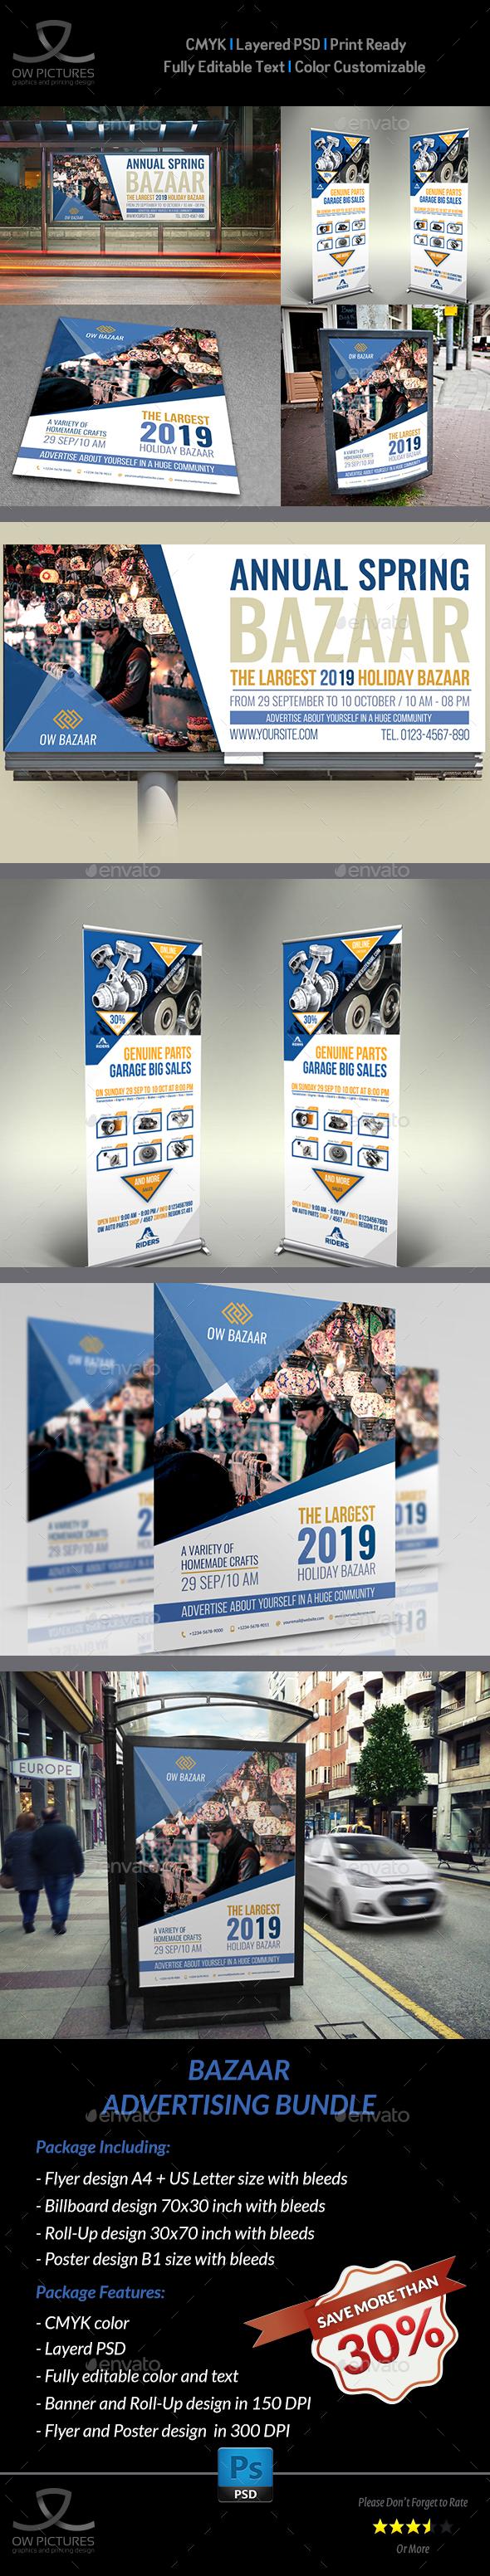 GraphicRiver Bazaar Advertising Bundle 20815233